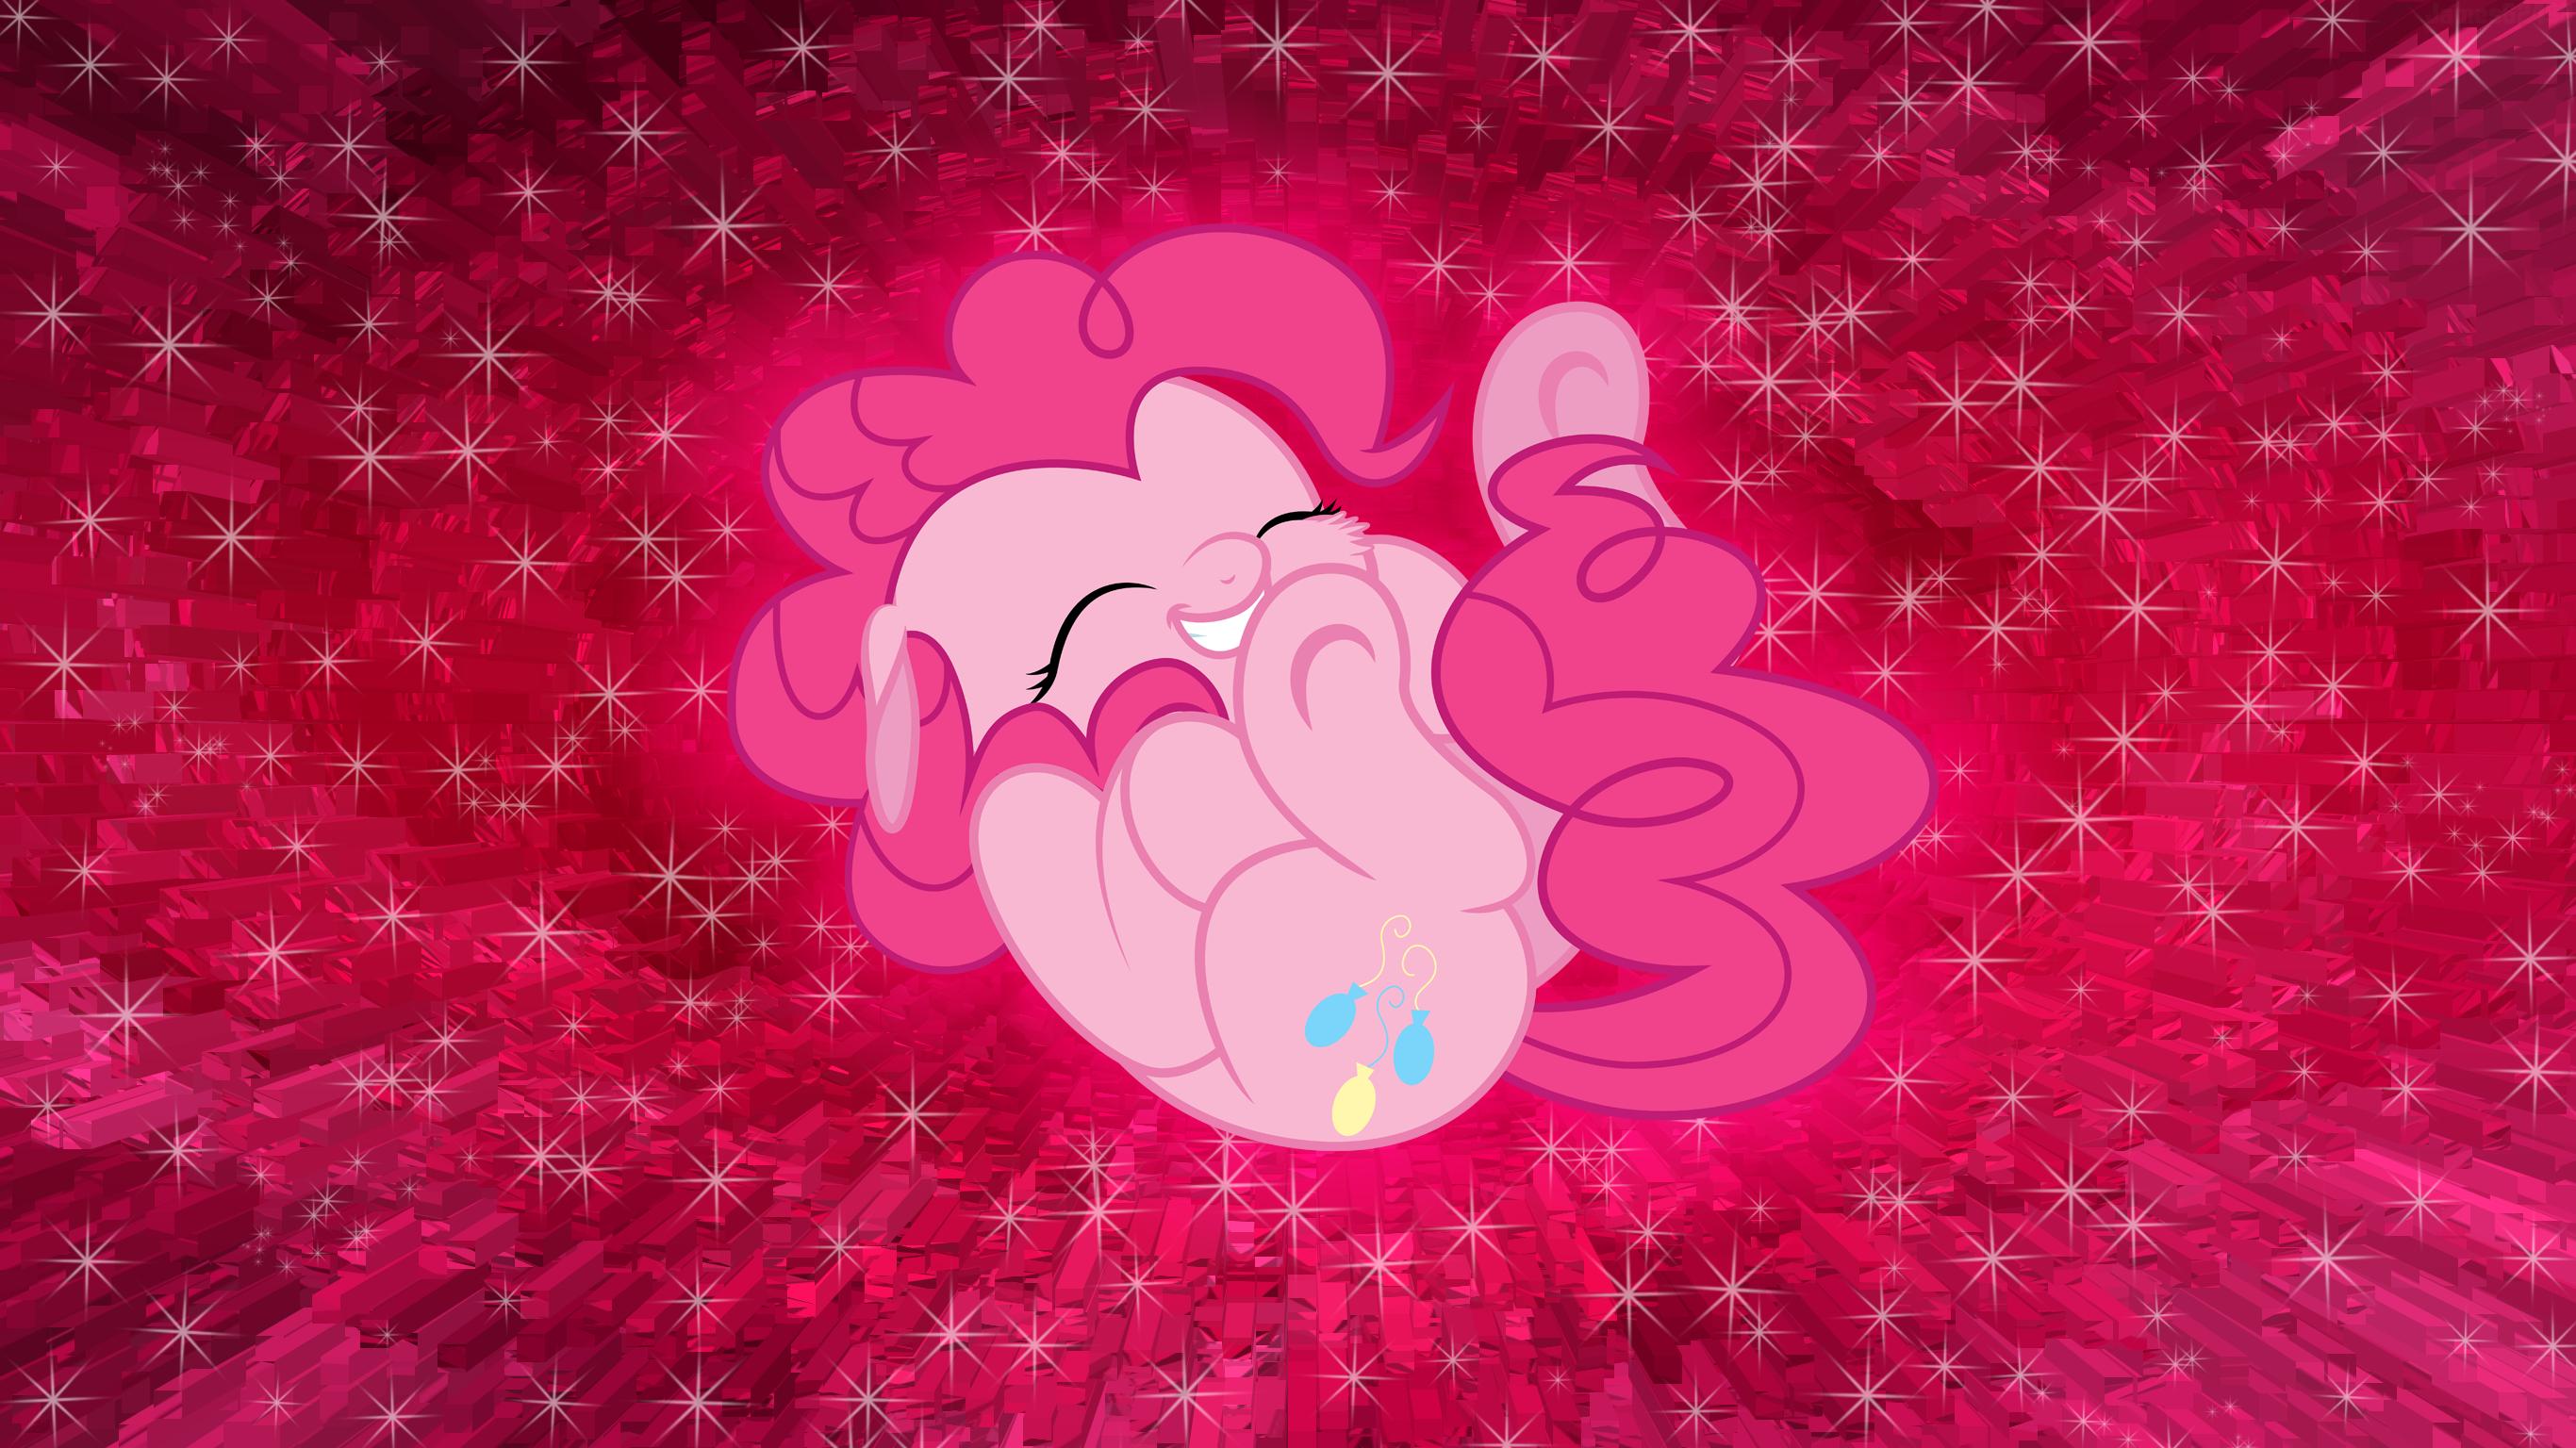 Pinkie Pie wallpaper 8 by JamesG2498